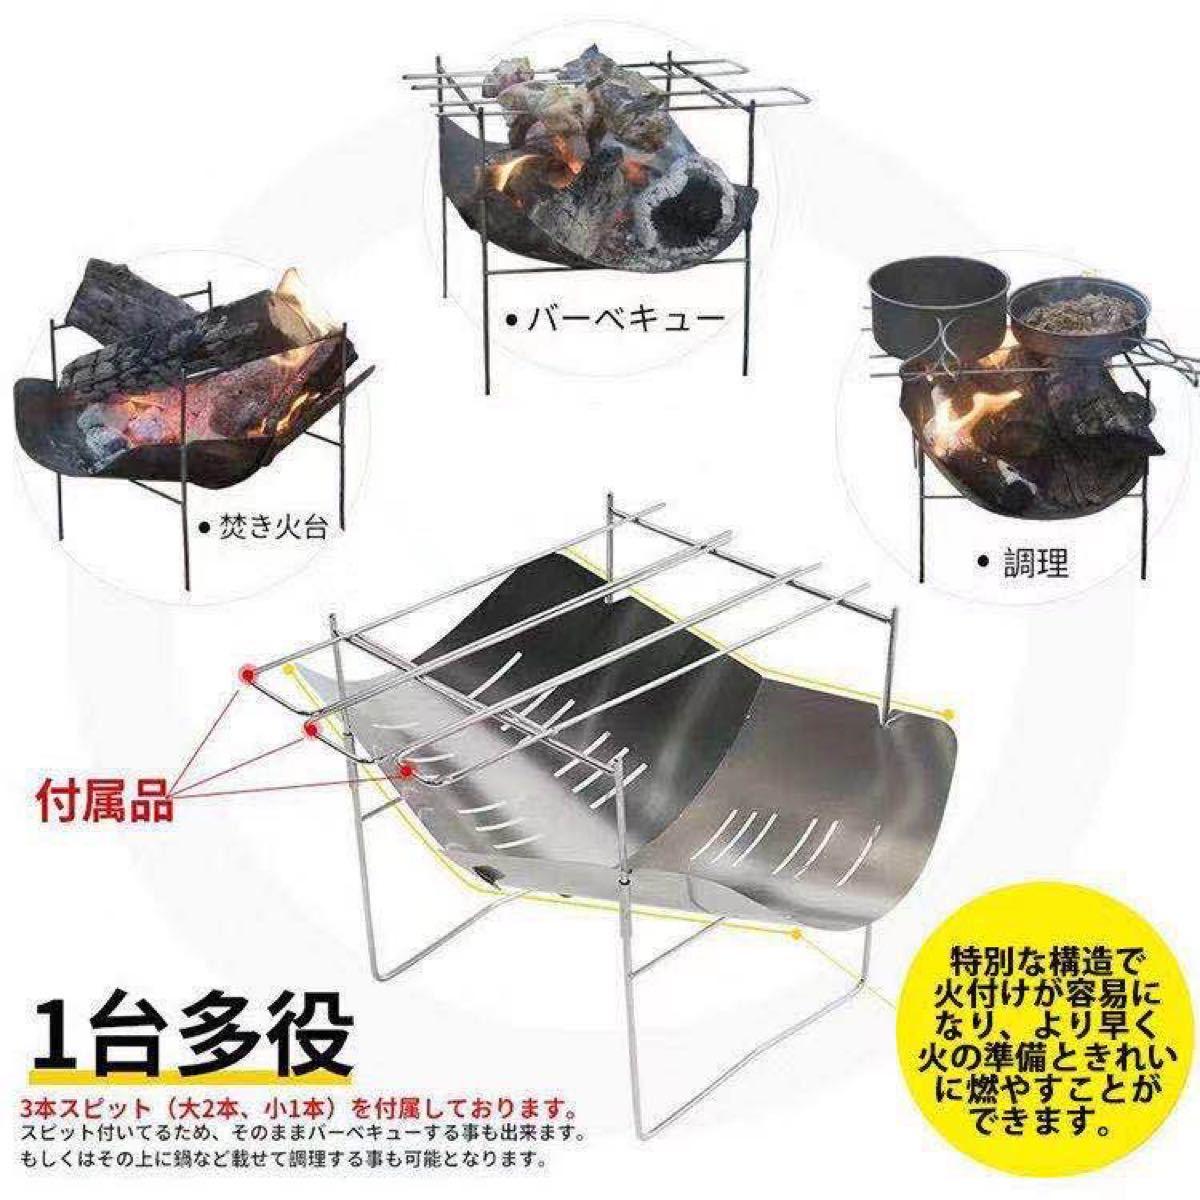 特別価格!超人気焚き火台 折り畳み式 ステンレス製 A4サイズ 超軽量380g